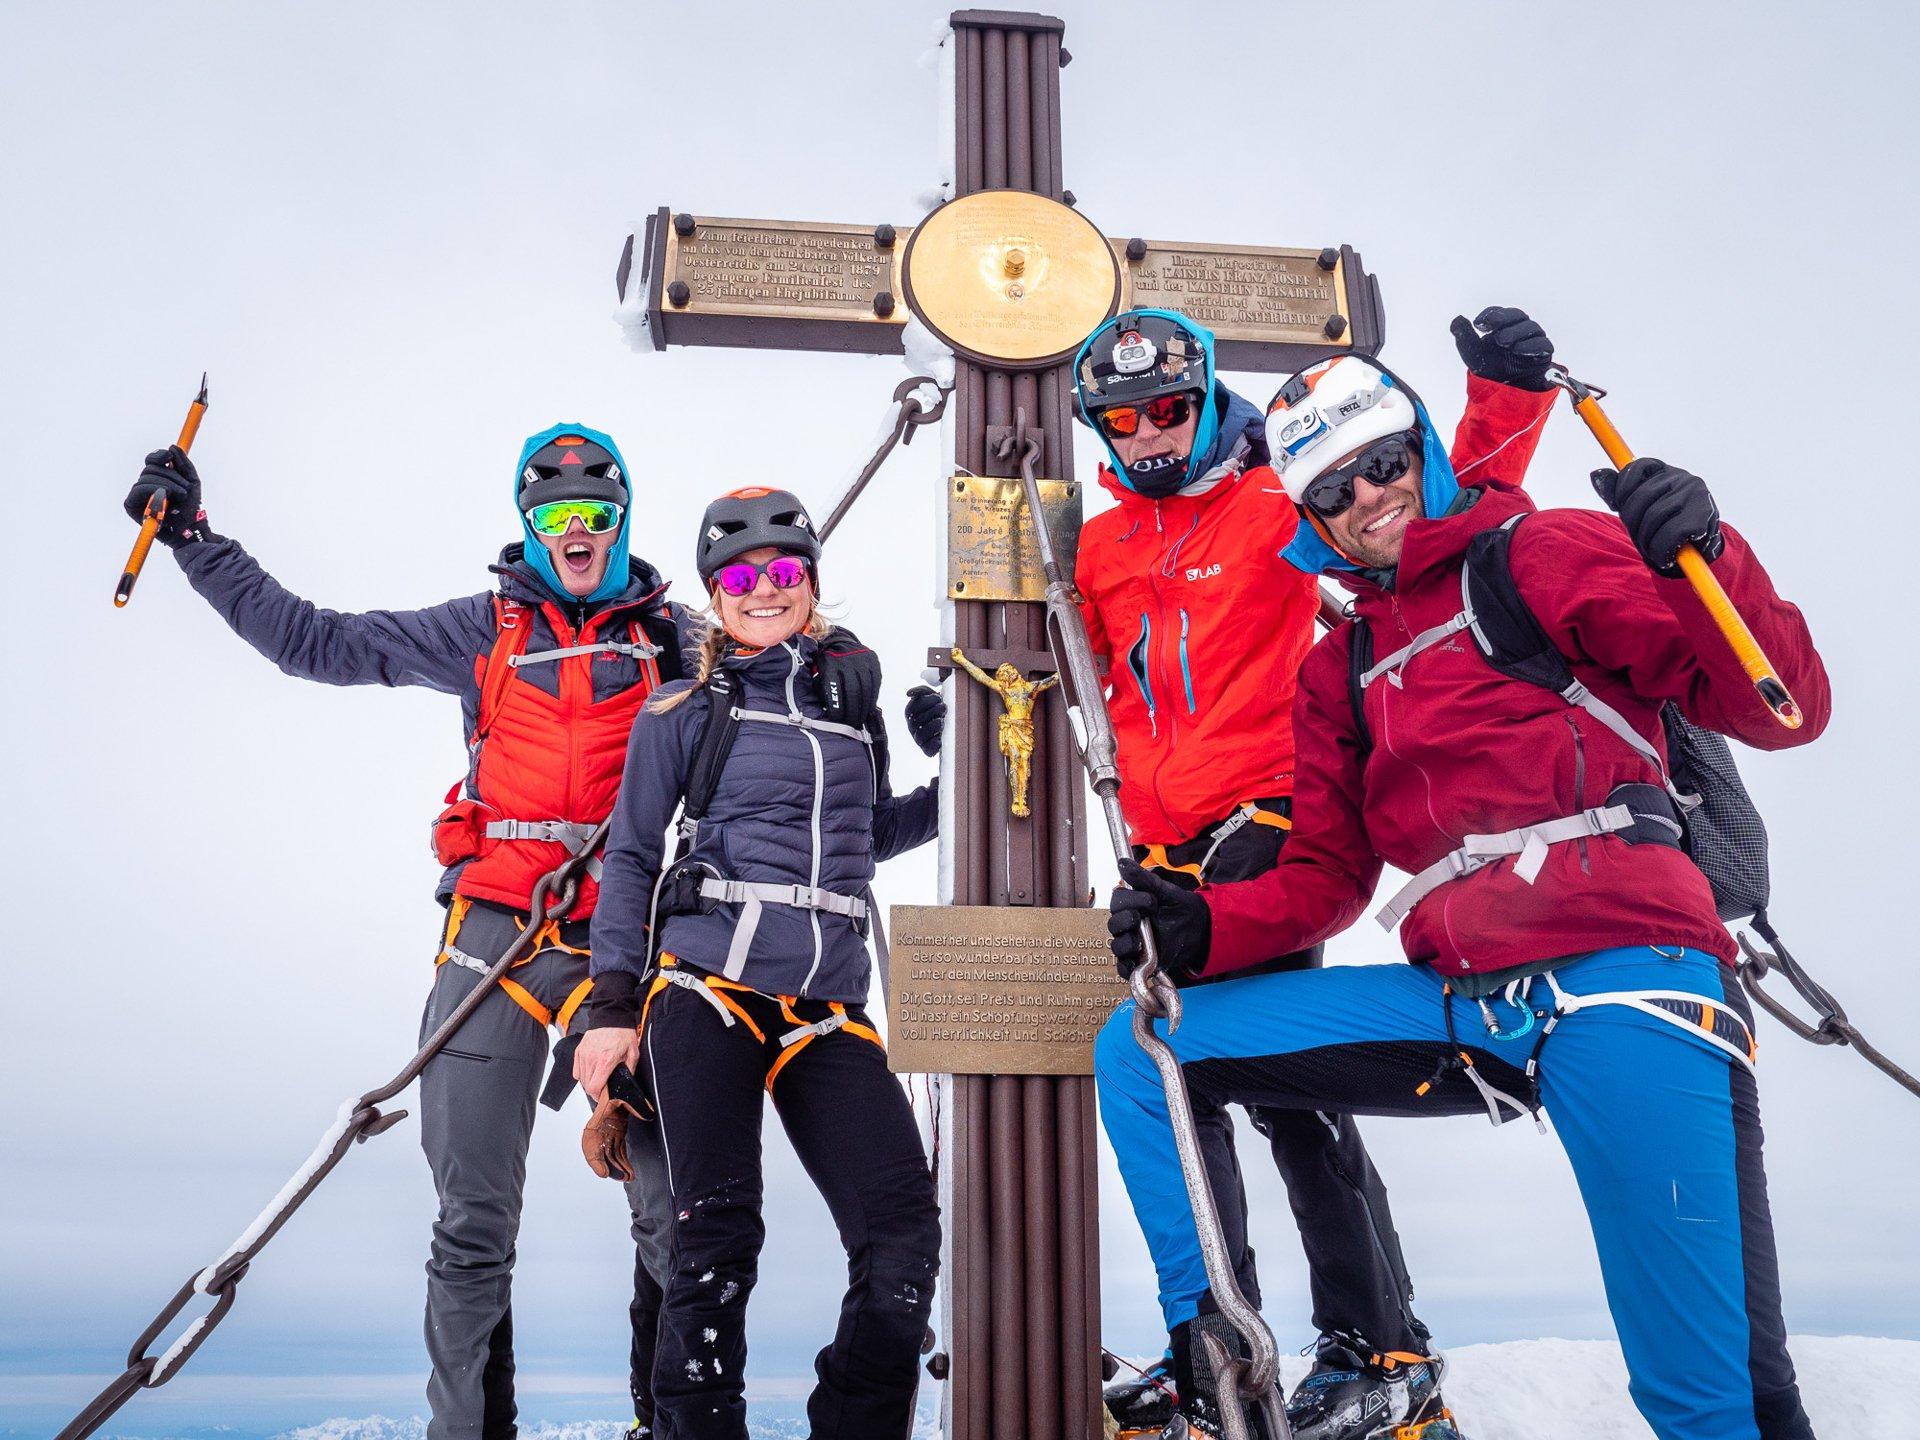 """Winter – Suunto Hochtirol 2020: Philipp Reiter und Francois D'haene meistern die """"Hoch-Tirol"""" in Rekordzeit"""